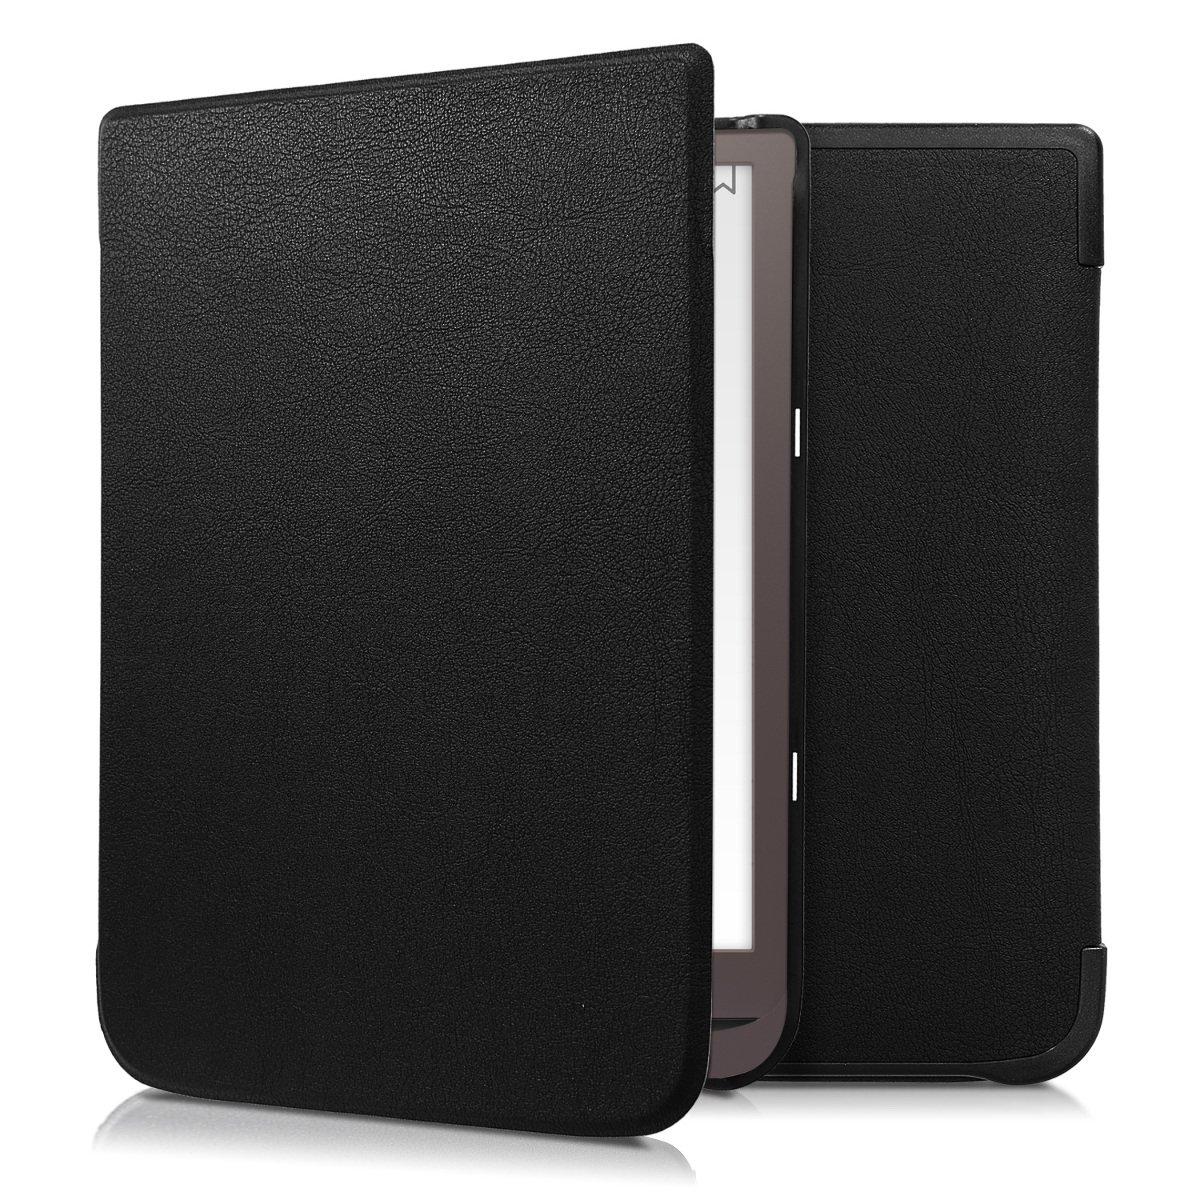 Case con dise/ño de Estrellas en la Galaxia kwmobile Funda para Pocketbook InkPad 3//3 Pro Carcasa para e-Reader de Cuero sint/ético